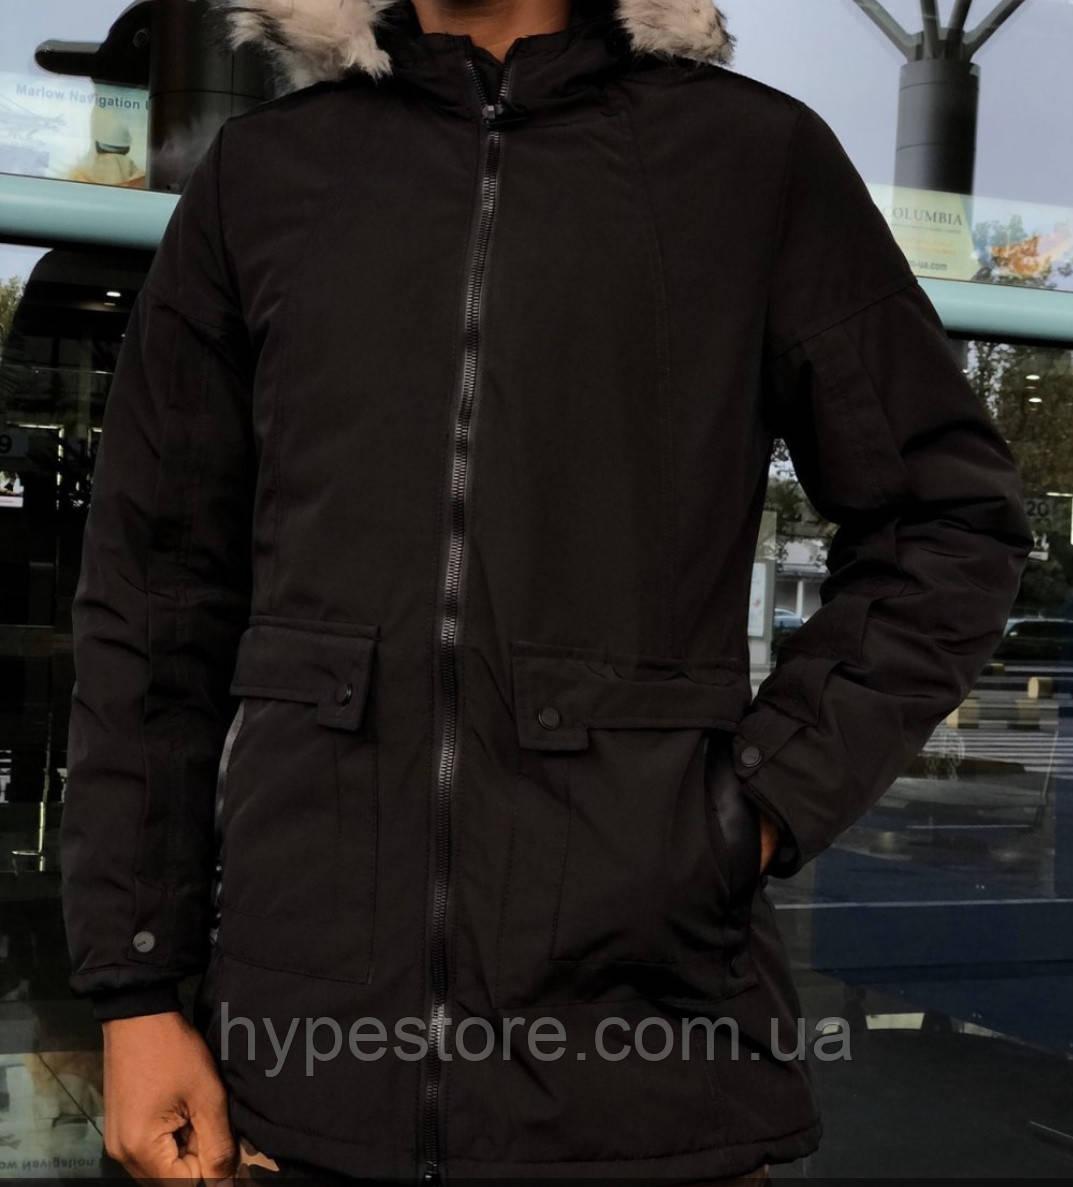 Куртка,парка мужская холодная весна-осень,еврозима,см.описание!